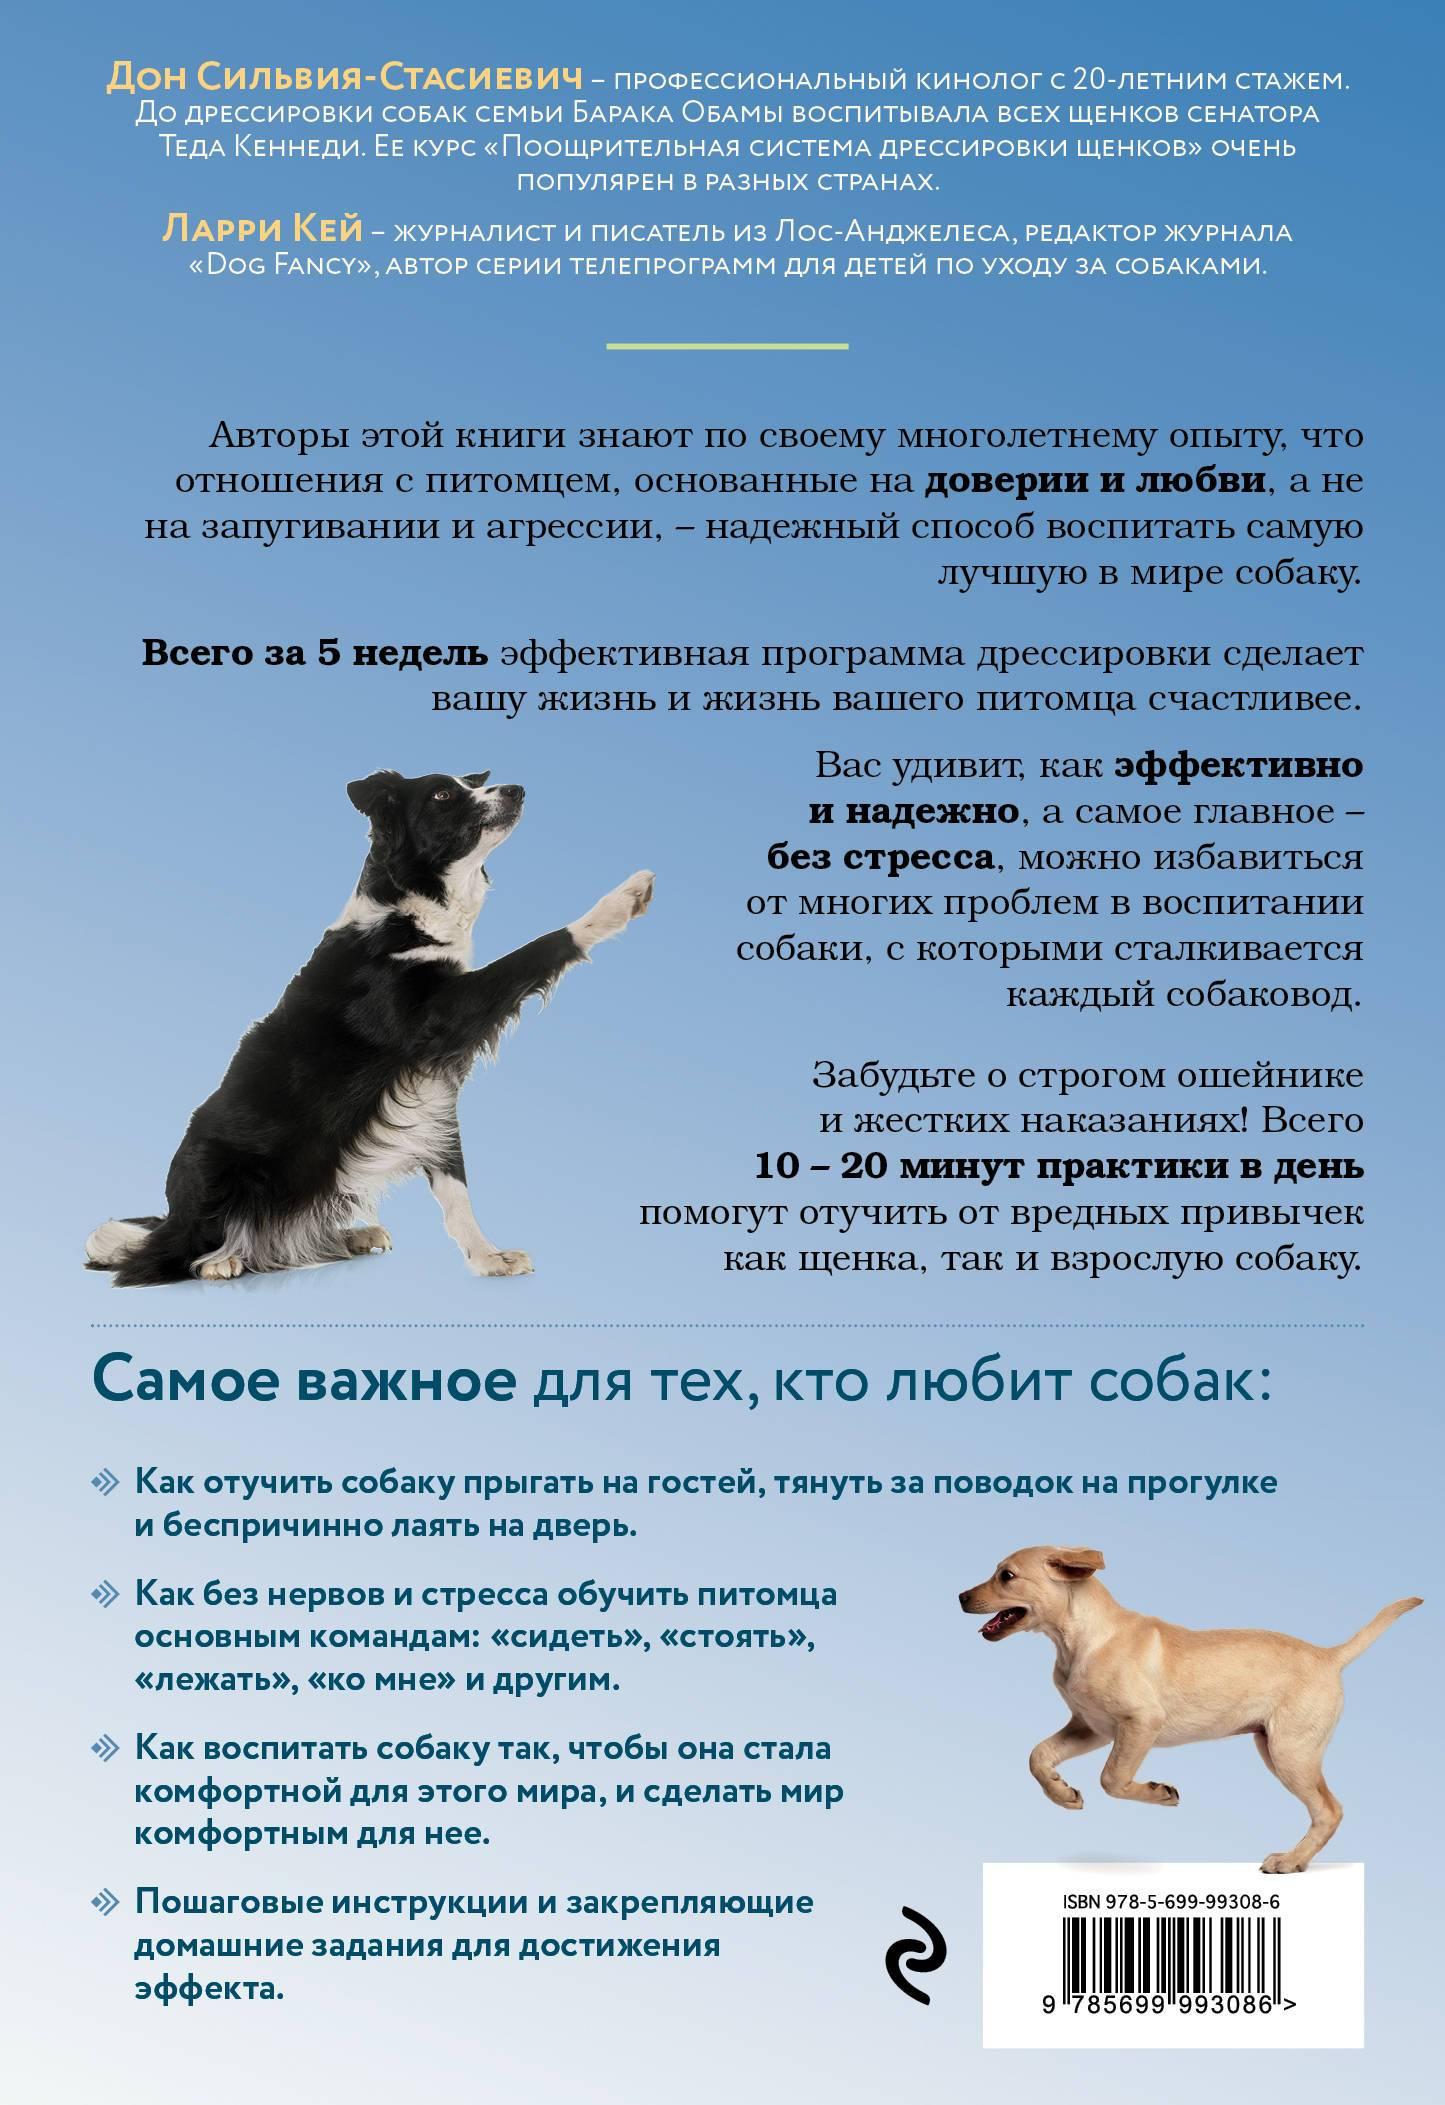 Уход за щенком французского бульдога, помощь новорожденным щенкам, прикорм, кормление в первые месяцы жизни, купание, прививки, приучение к лотку, дрессировка.